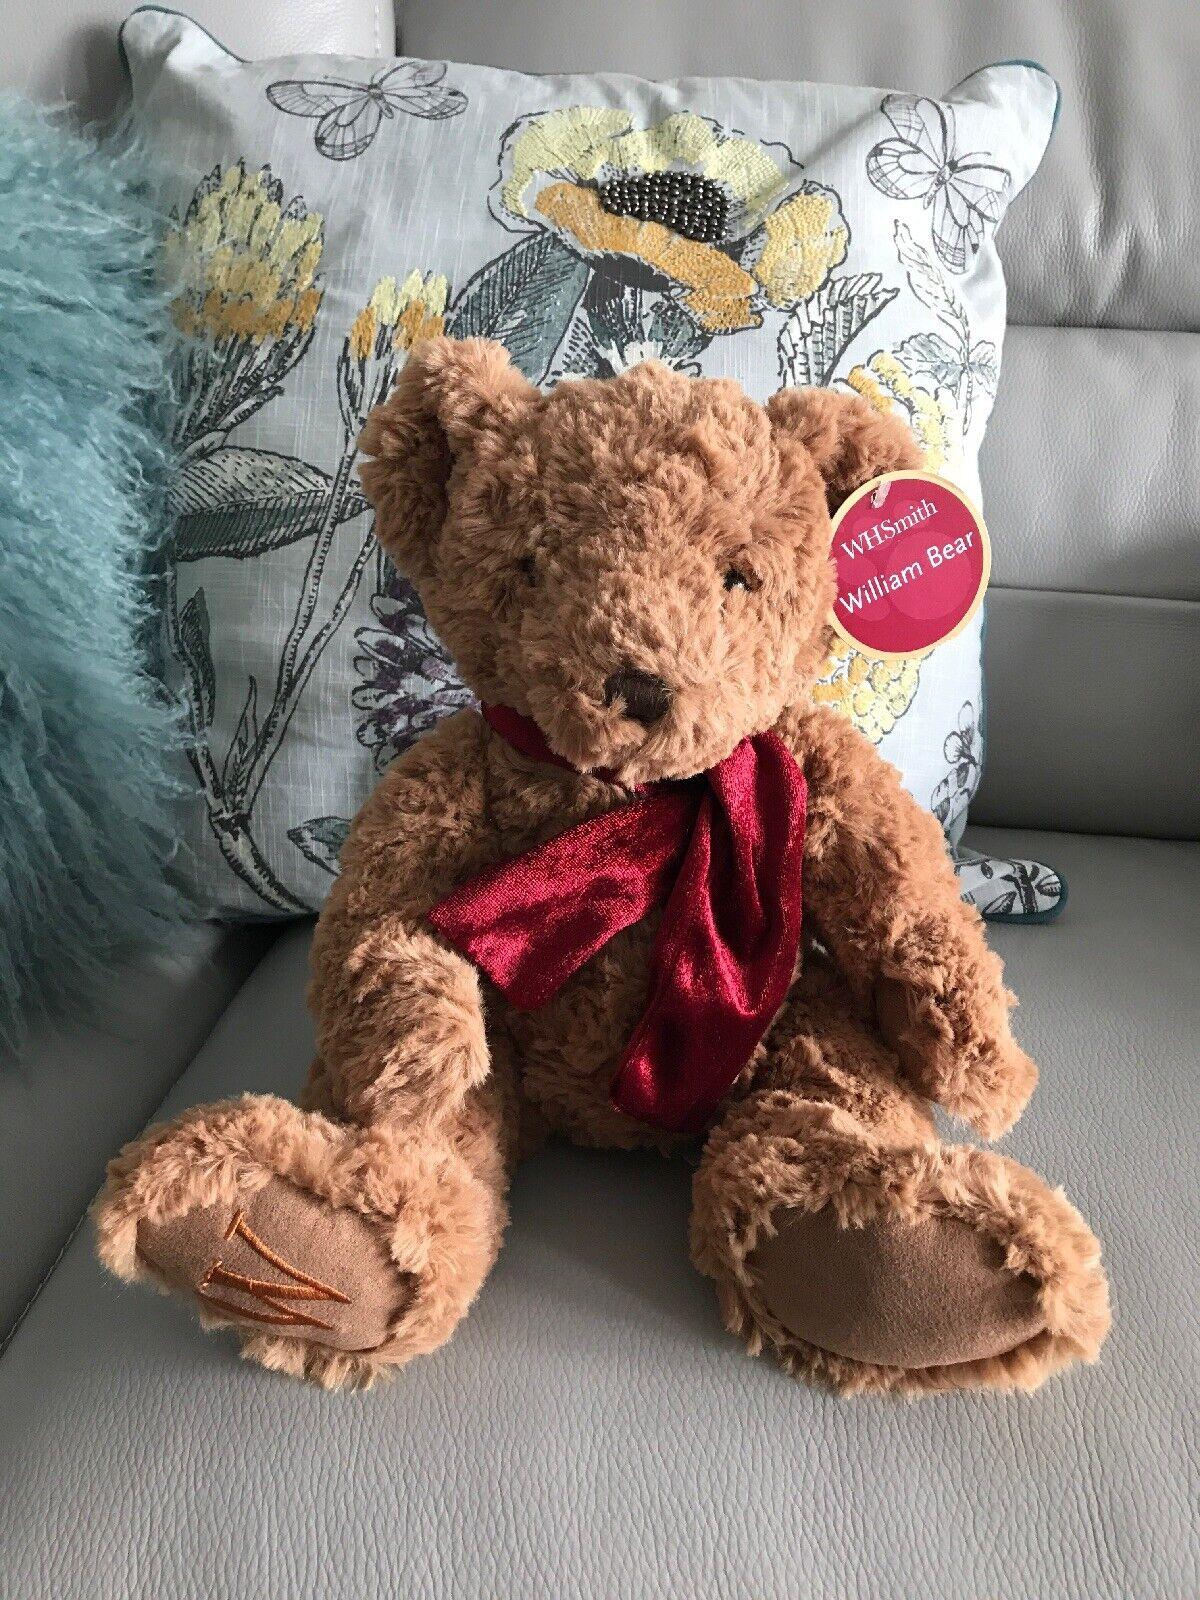 13  W H SMITH RED SCARF WILLIAM BROWN SOFT CUDDLY TOY TEDDY BEAR TAN